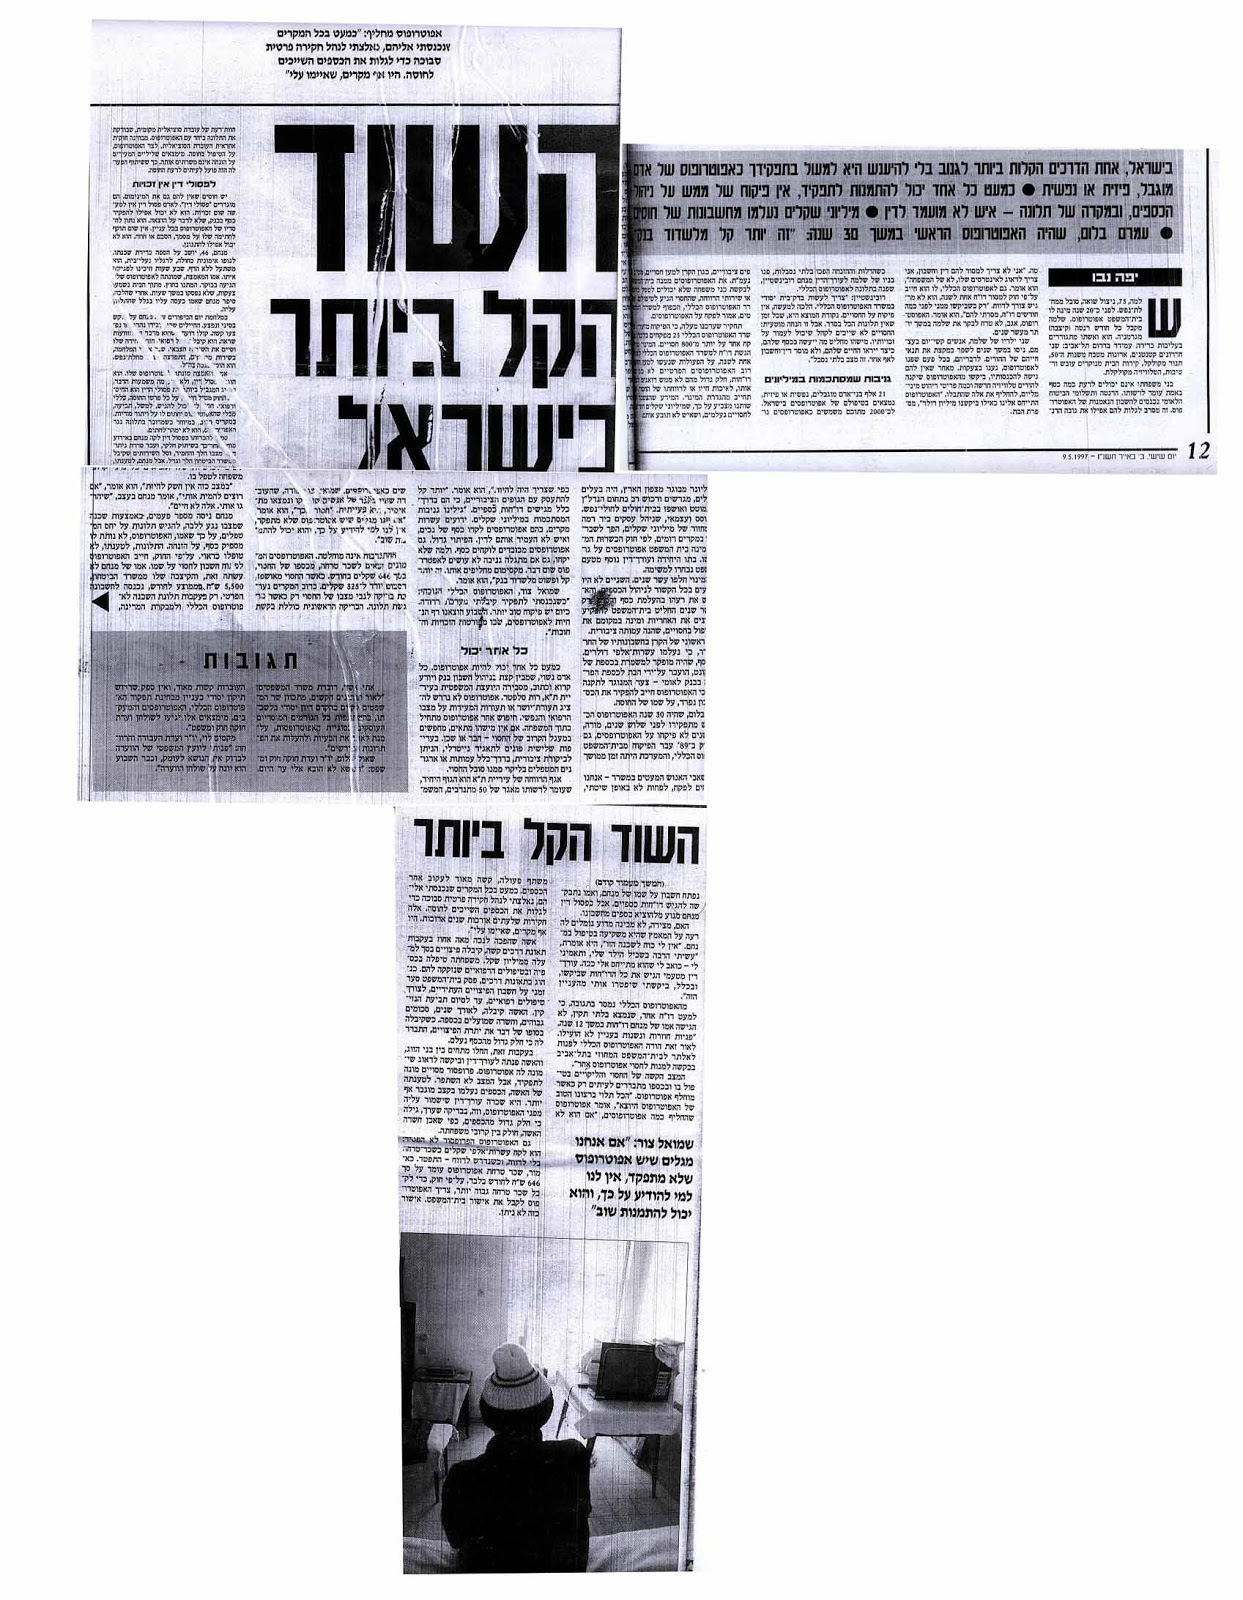 אפוטרופסות - השוד הקל ביותר בישראל